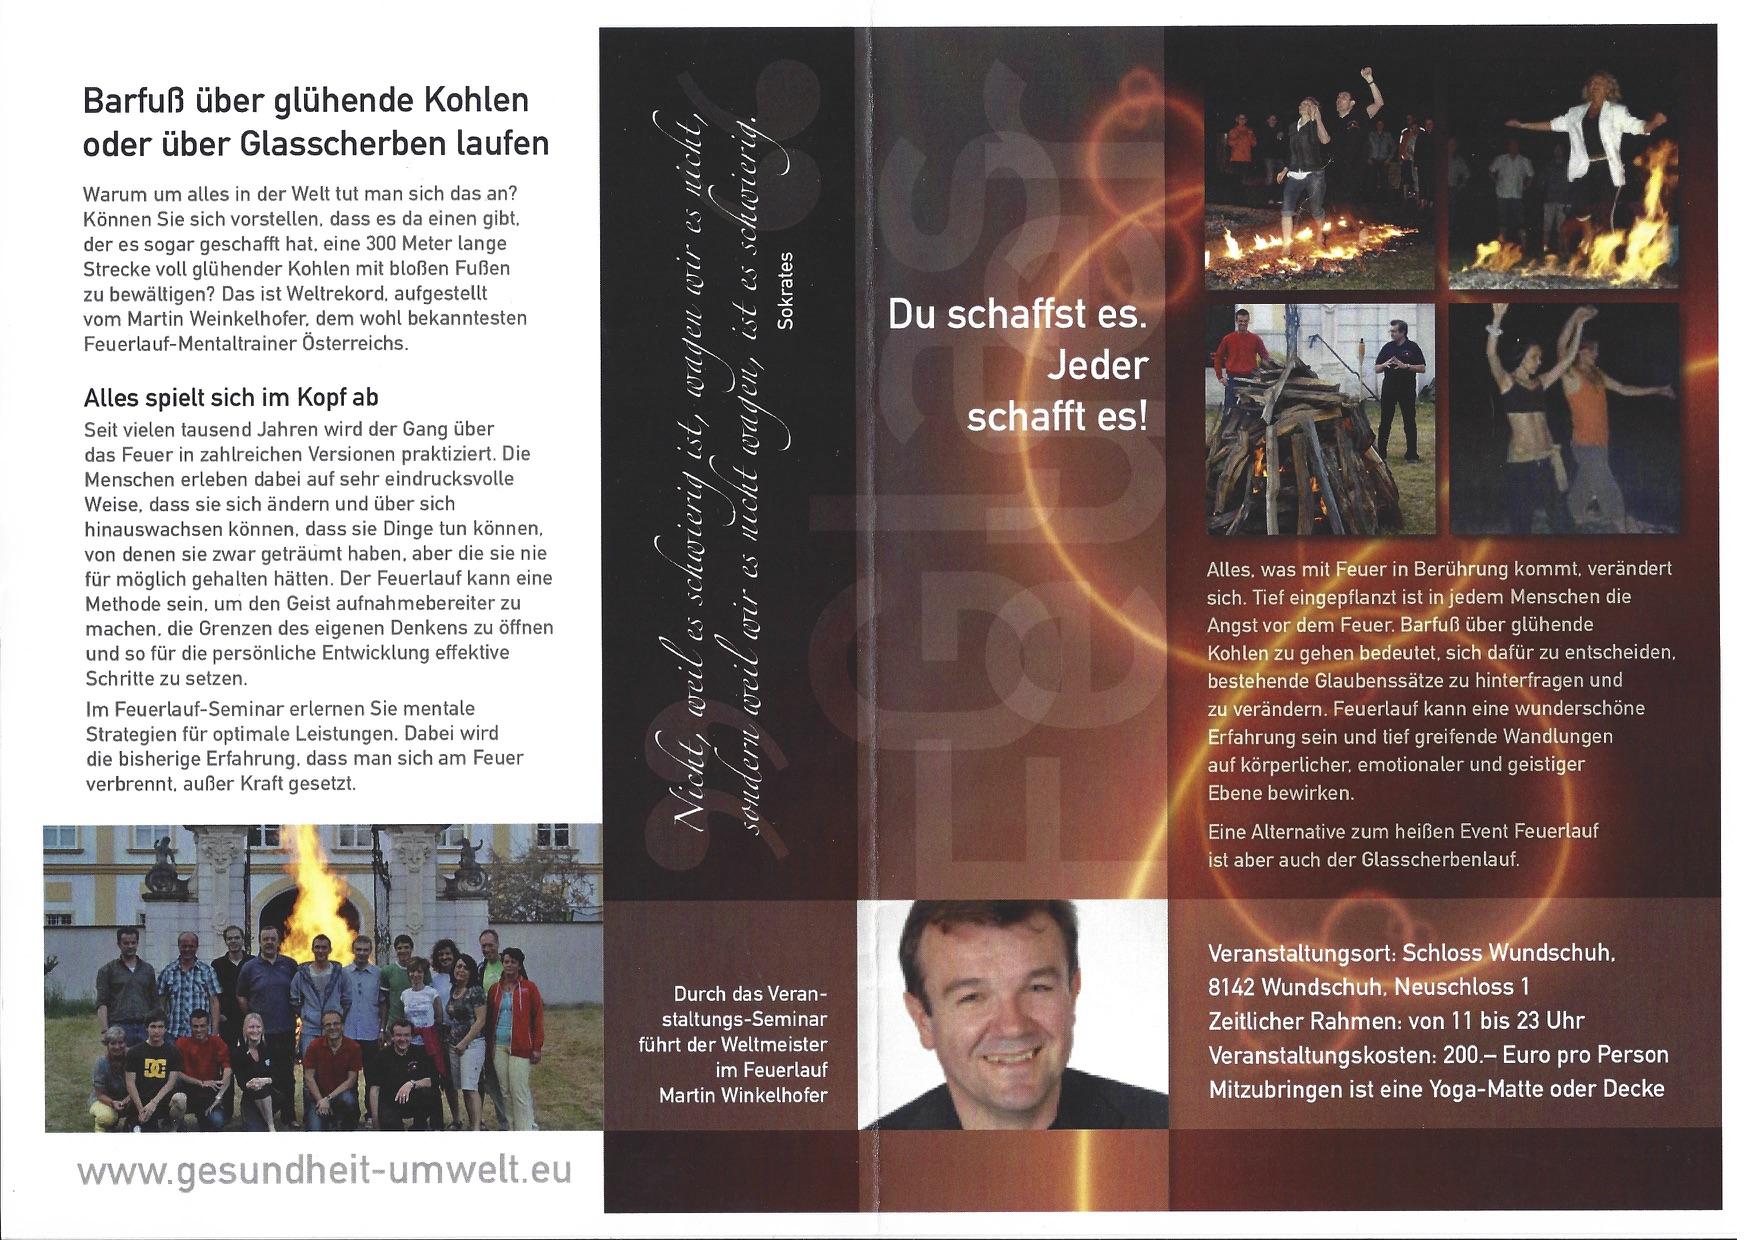 Teambuilding und Feuerlauf mit Martin Winkelhofer, feuerlauf-seminar.at